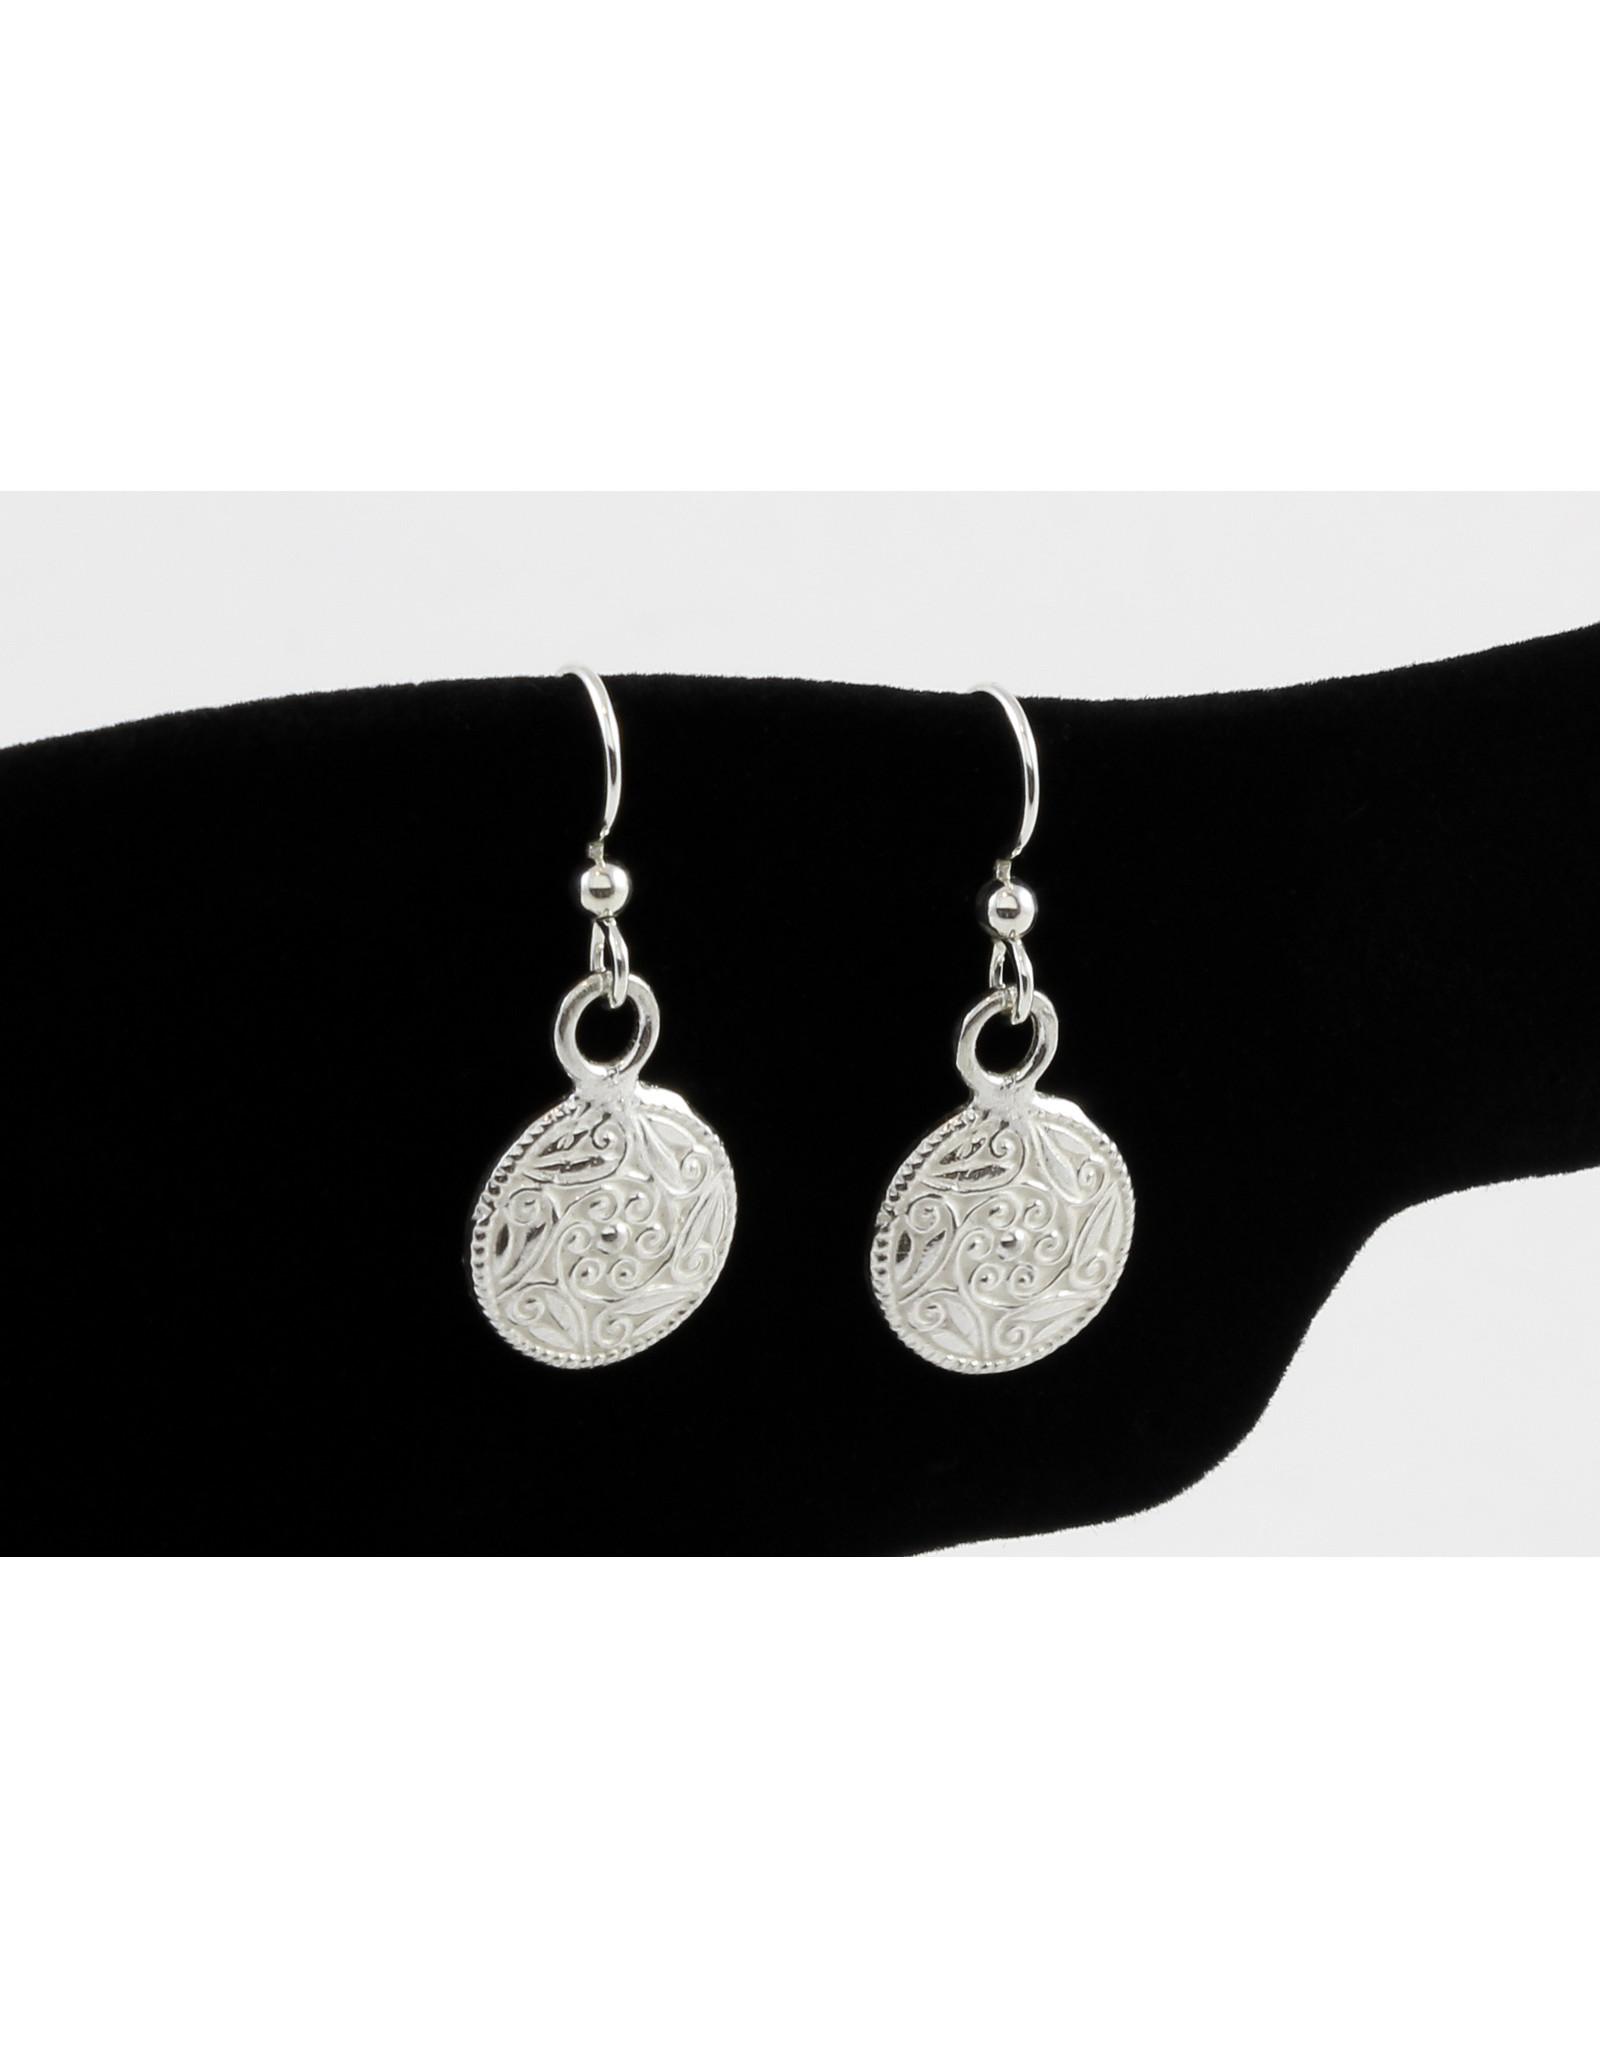 Darryl MacLeod Sterling Silver Earrings by Darryl MacLeod